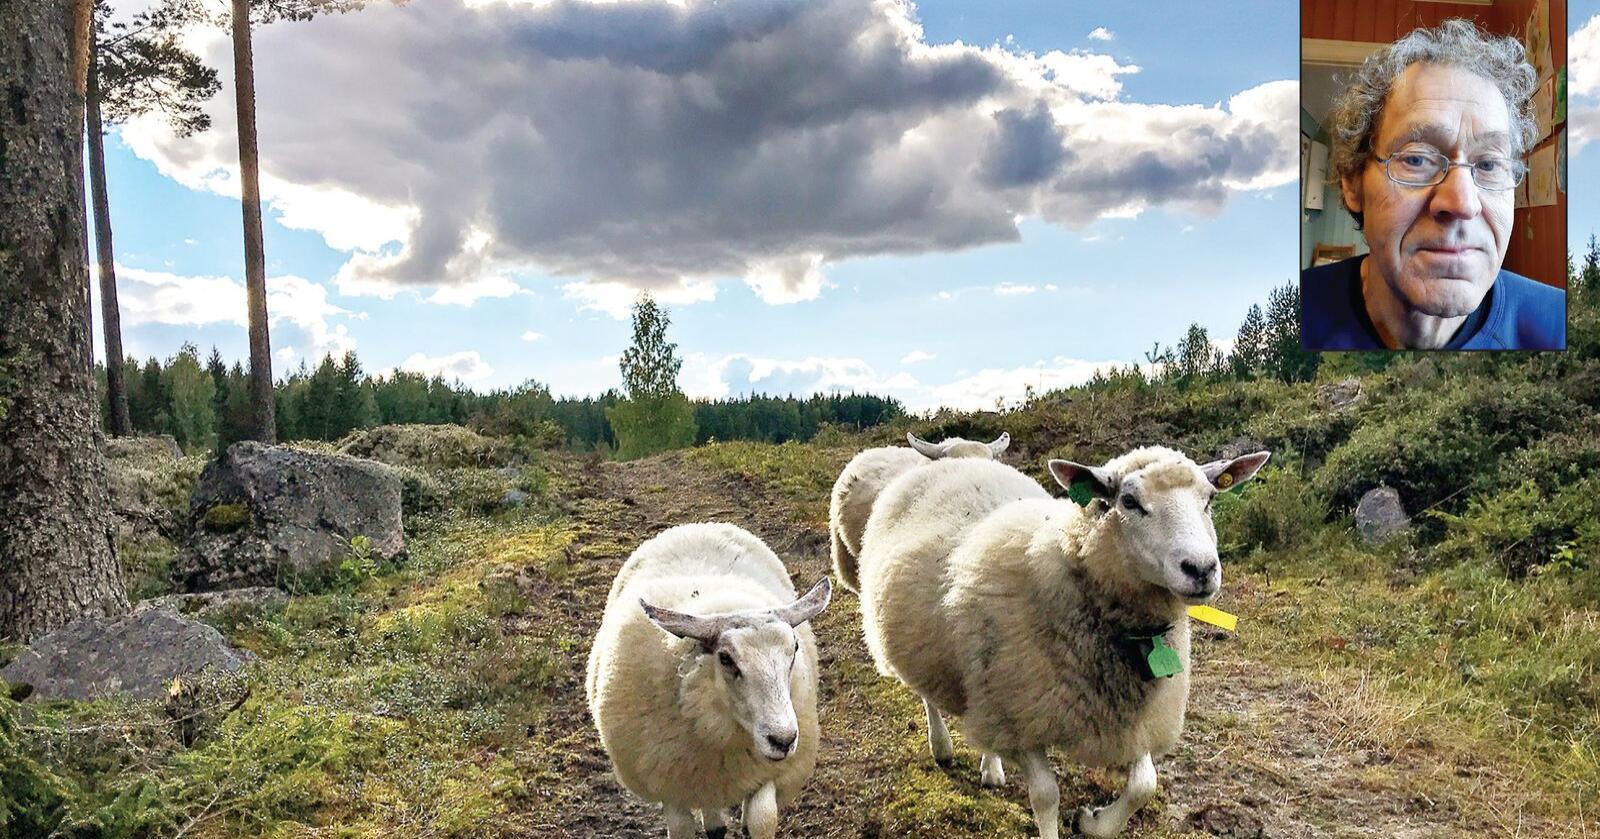 – Det er ikke rart at kjøttforbruket går ned når vi ikke får kjøpt det kjøttet vi har lyst på, sier Øyvind Aalerud. Foto: Privat